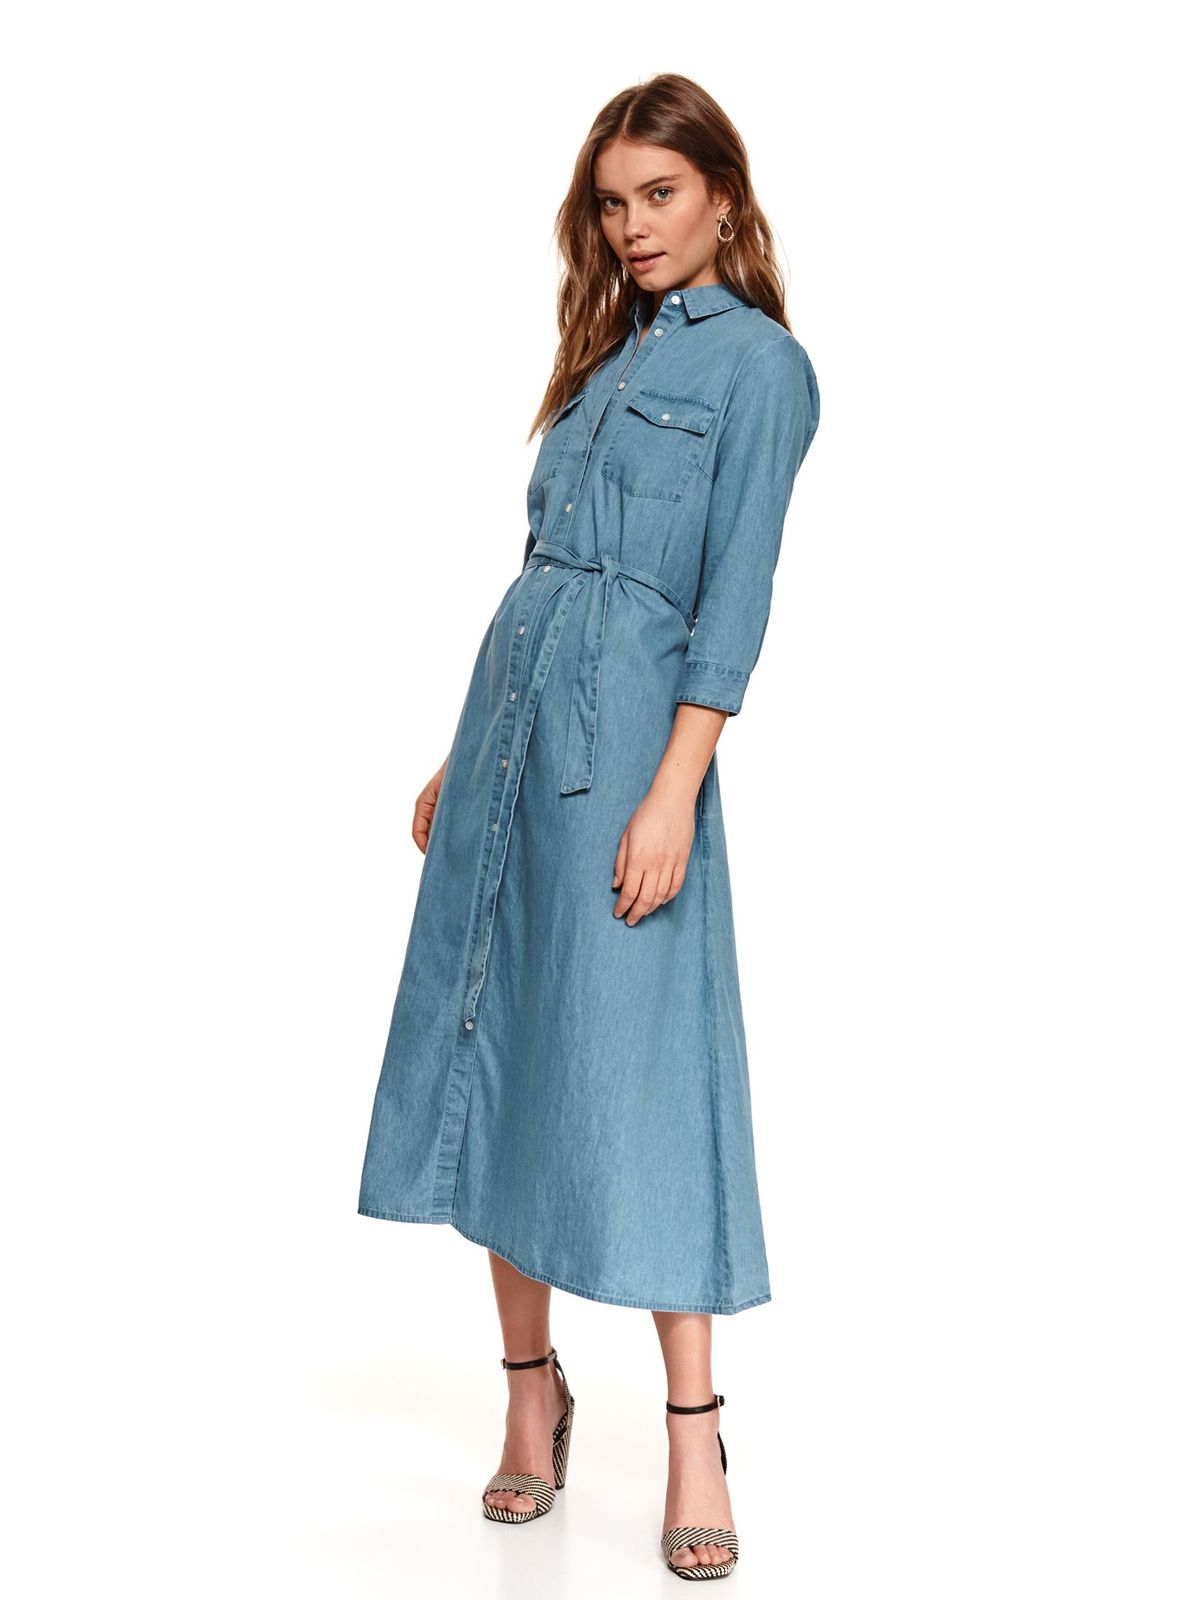 Blue dress cloche midi